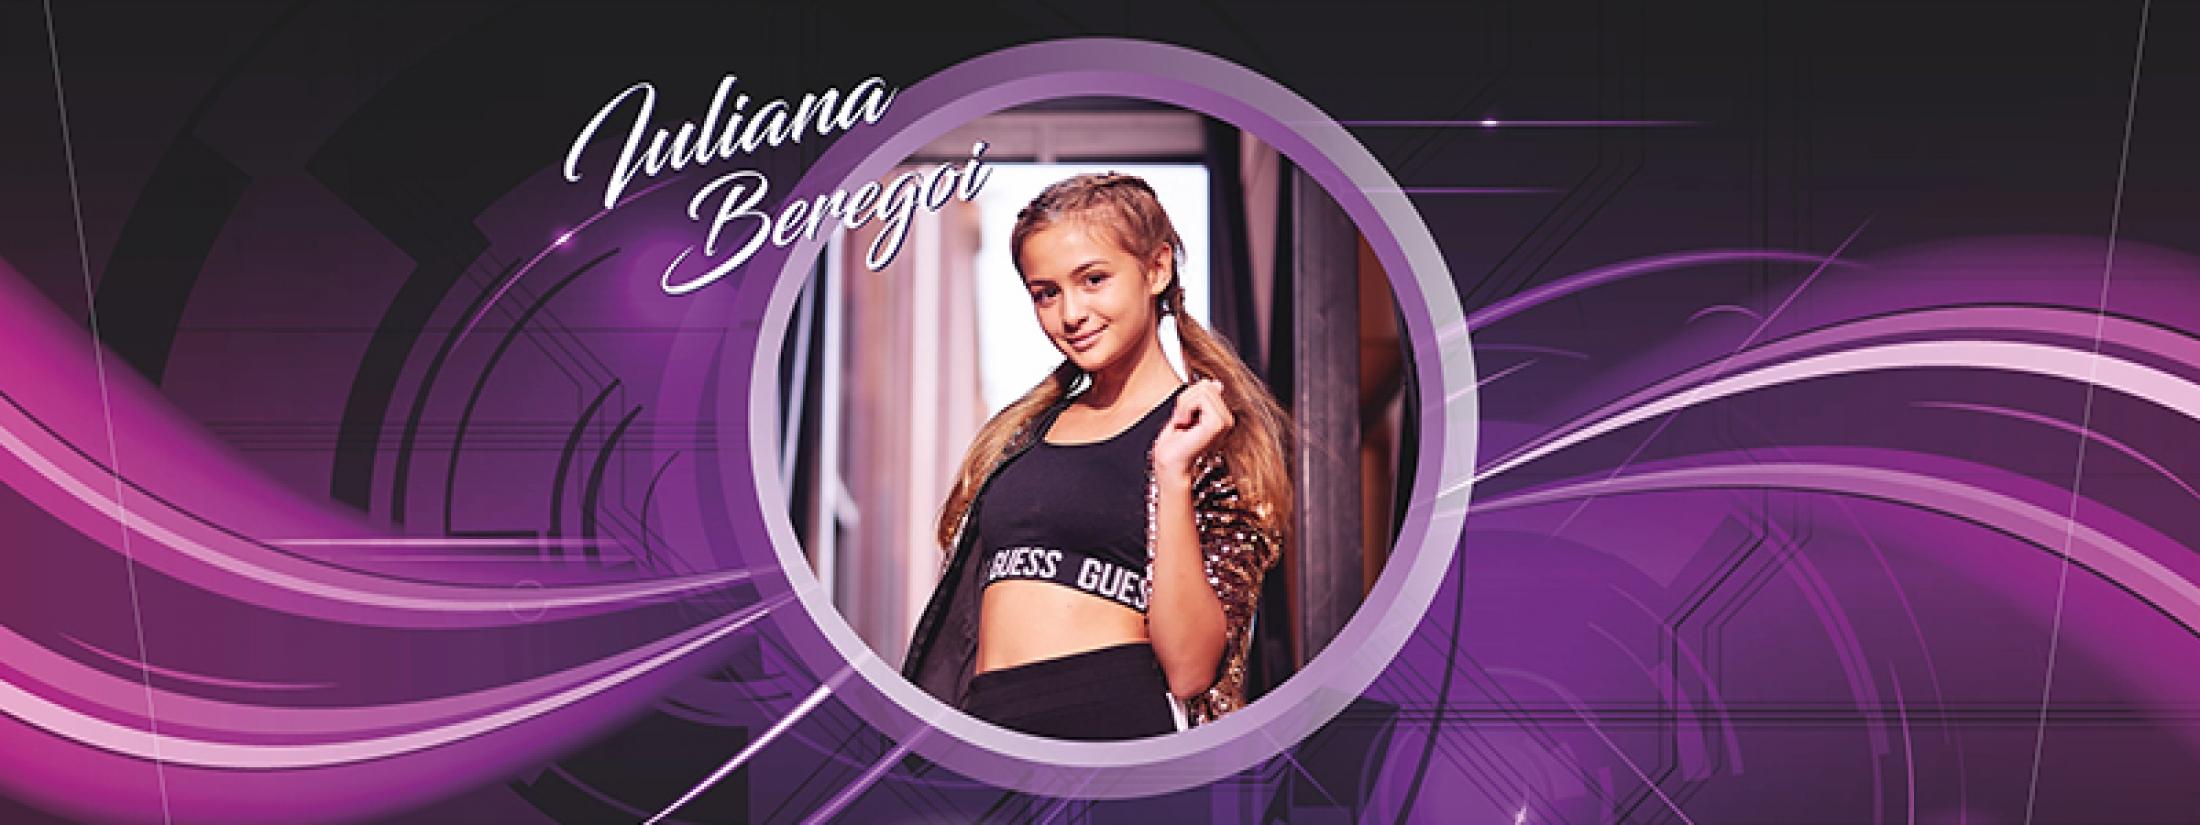 Beregoi Iuliana